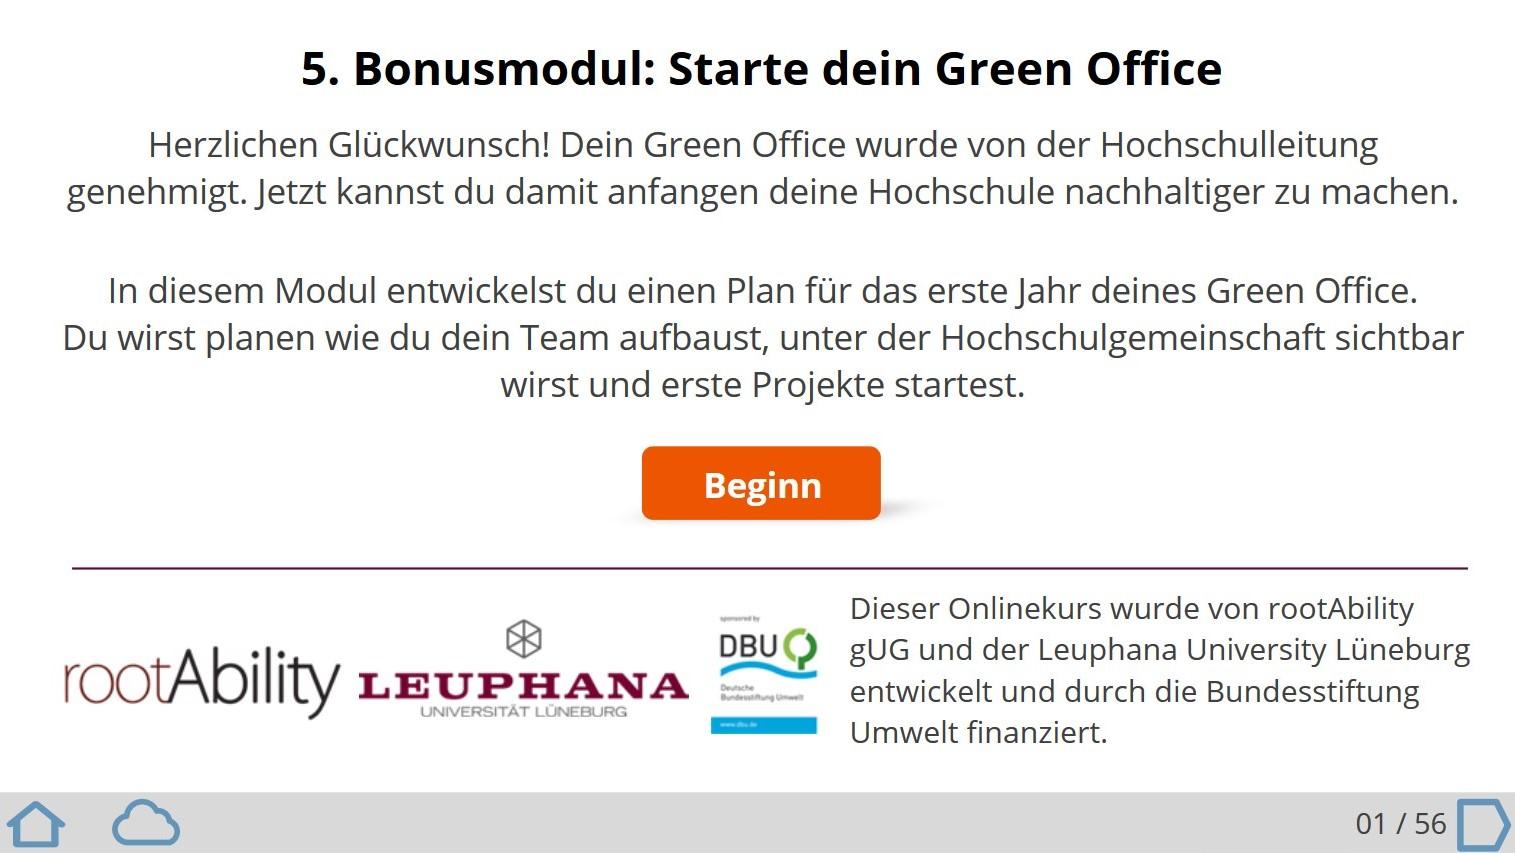 Onlinekurs über die ersten Schritte nachdem das Green Office genehmigt wurde